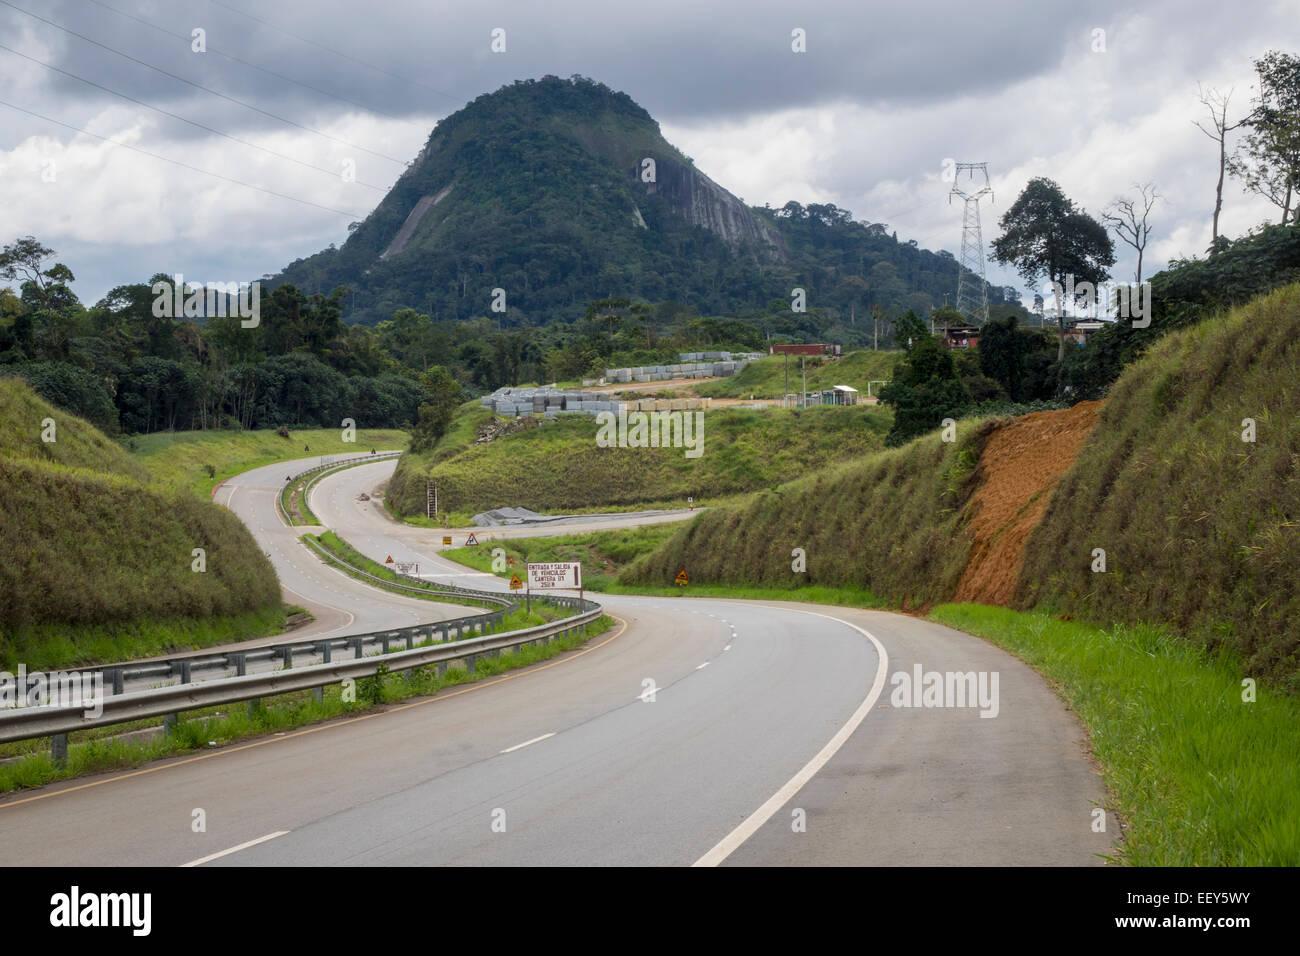 Infrastruktur-Westafrika - moderne Autobahn vorbei an Bergen auf Weg in die neue Hauptstadt des Oyala, Äquatorial Stockbild